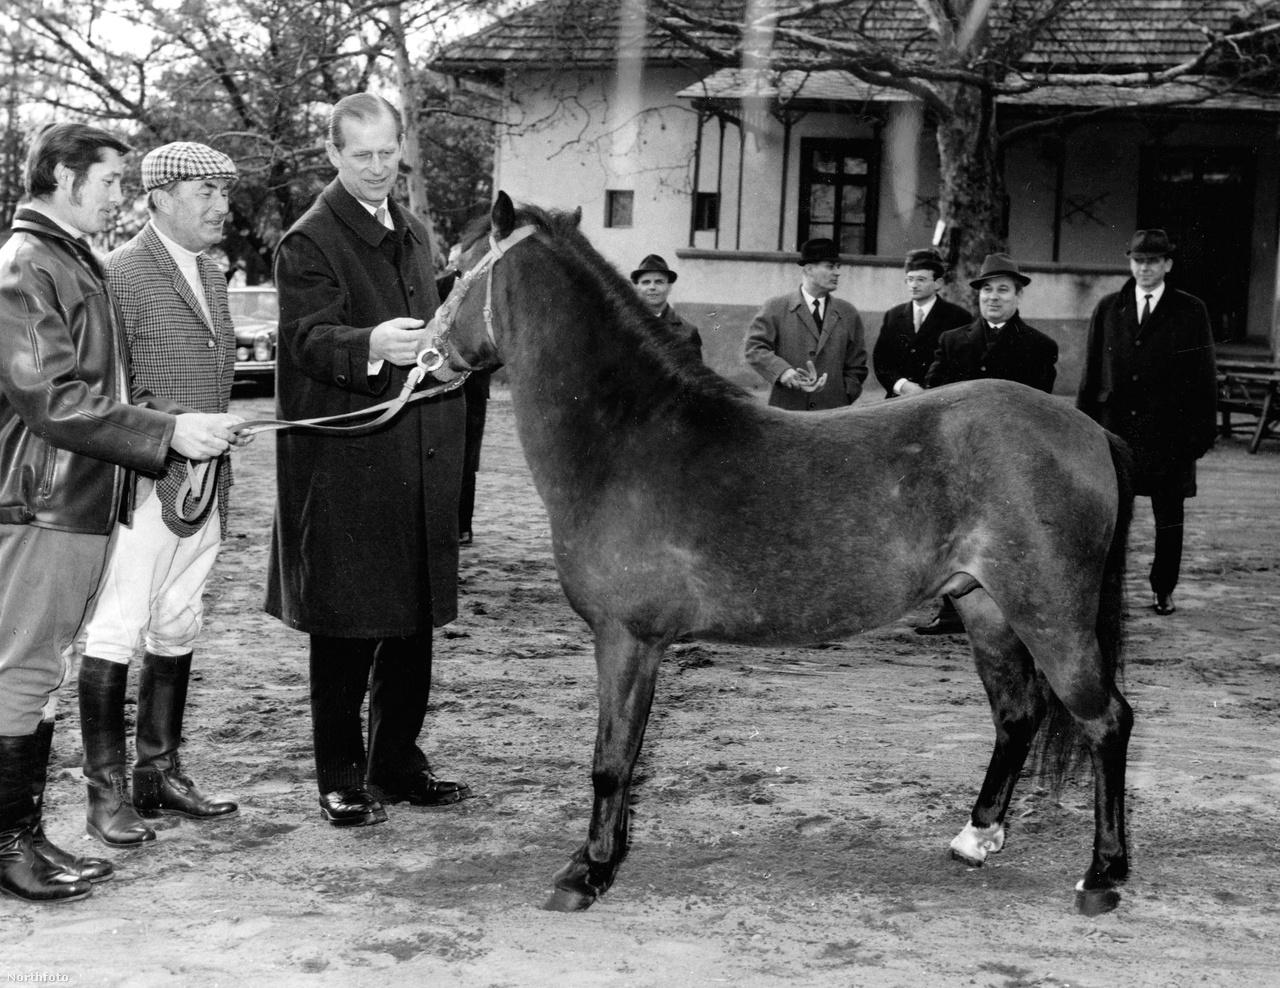 Fülöp herceg többször is járt Magyarországon. A képen 1973-ban tekint meg pónit. 1993-ban II. Erzsébettel együtt jártak az Országos Széchényi Könyvtárban is.